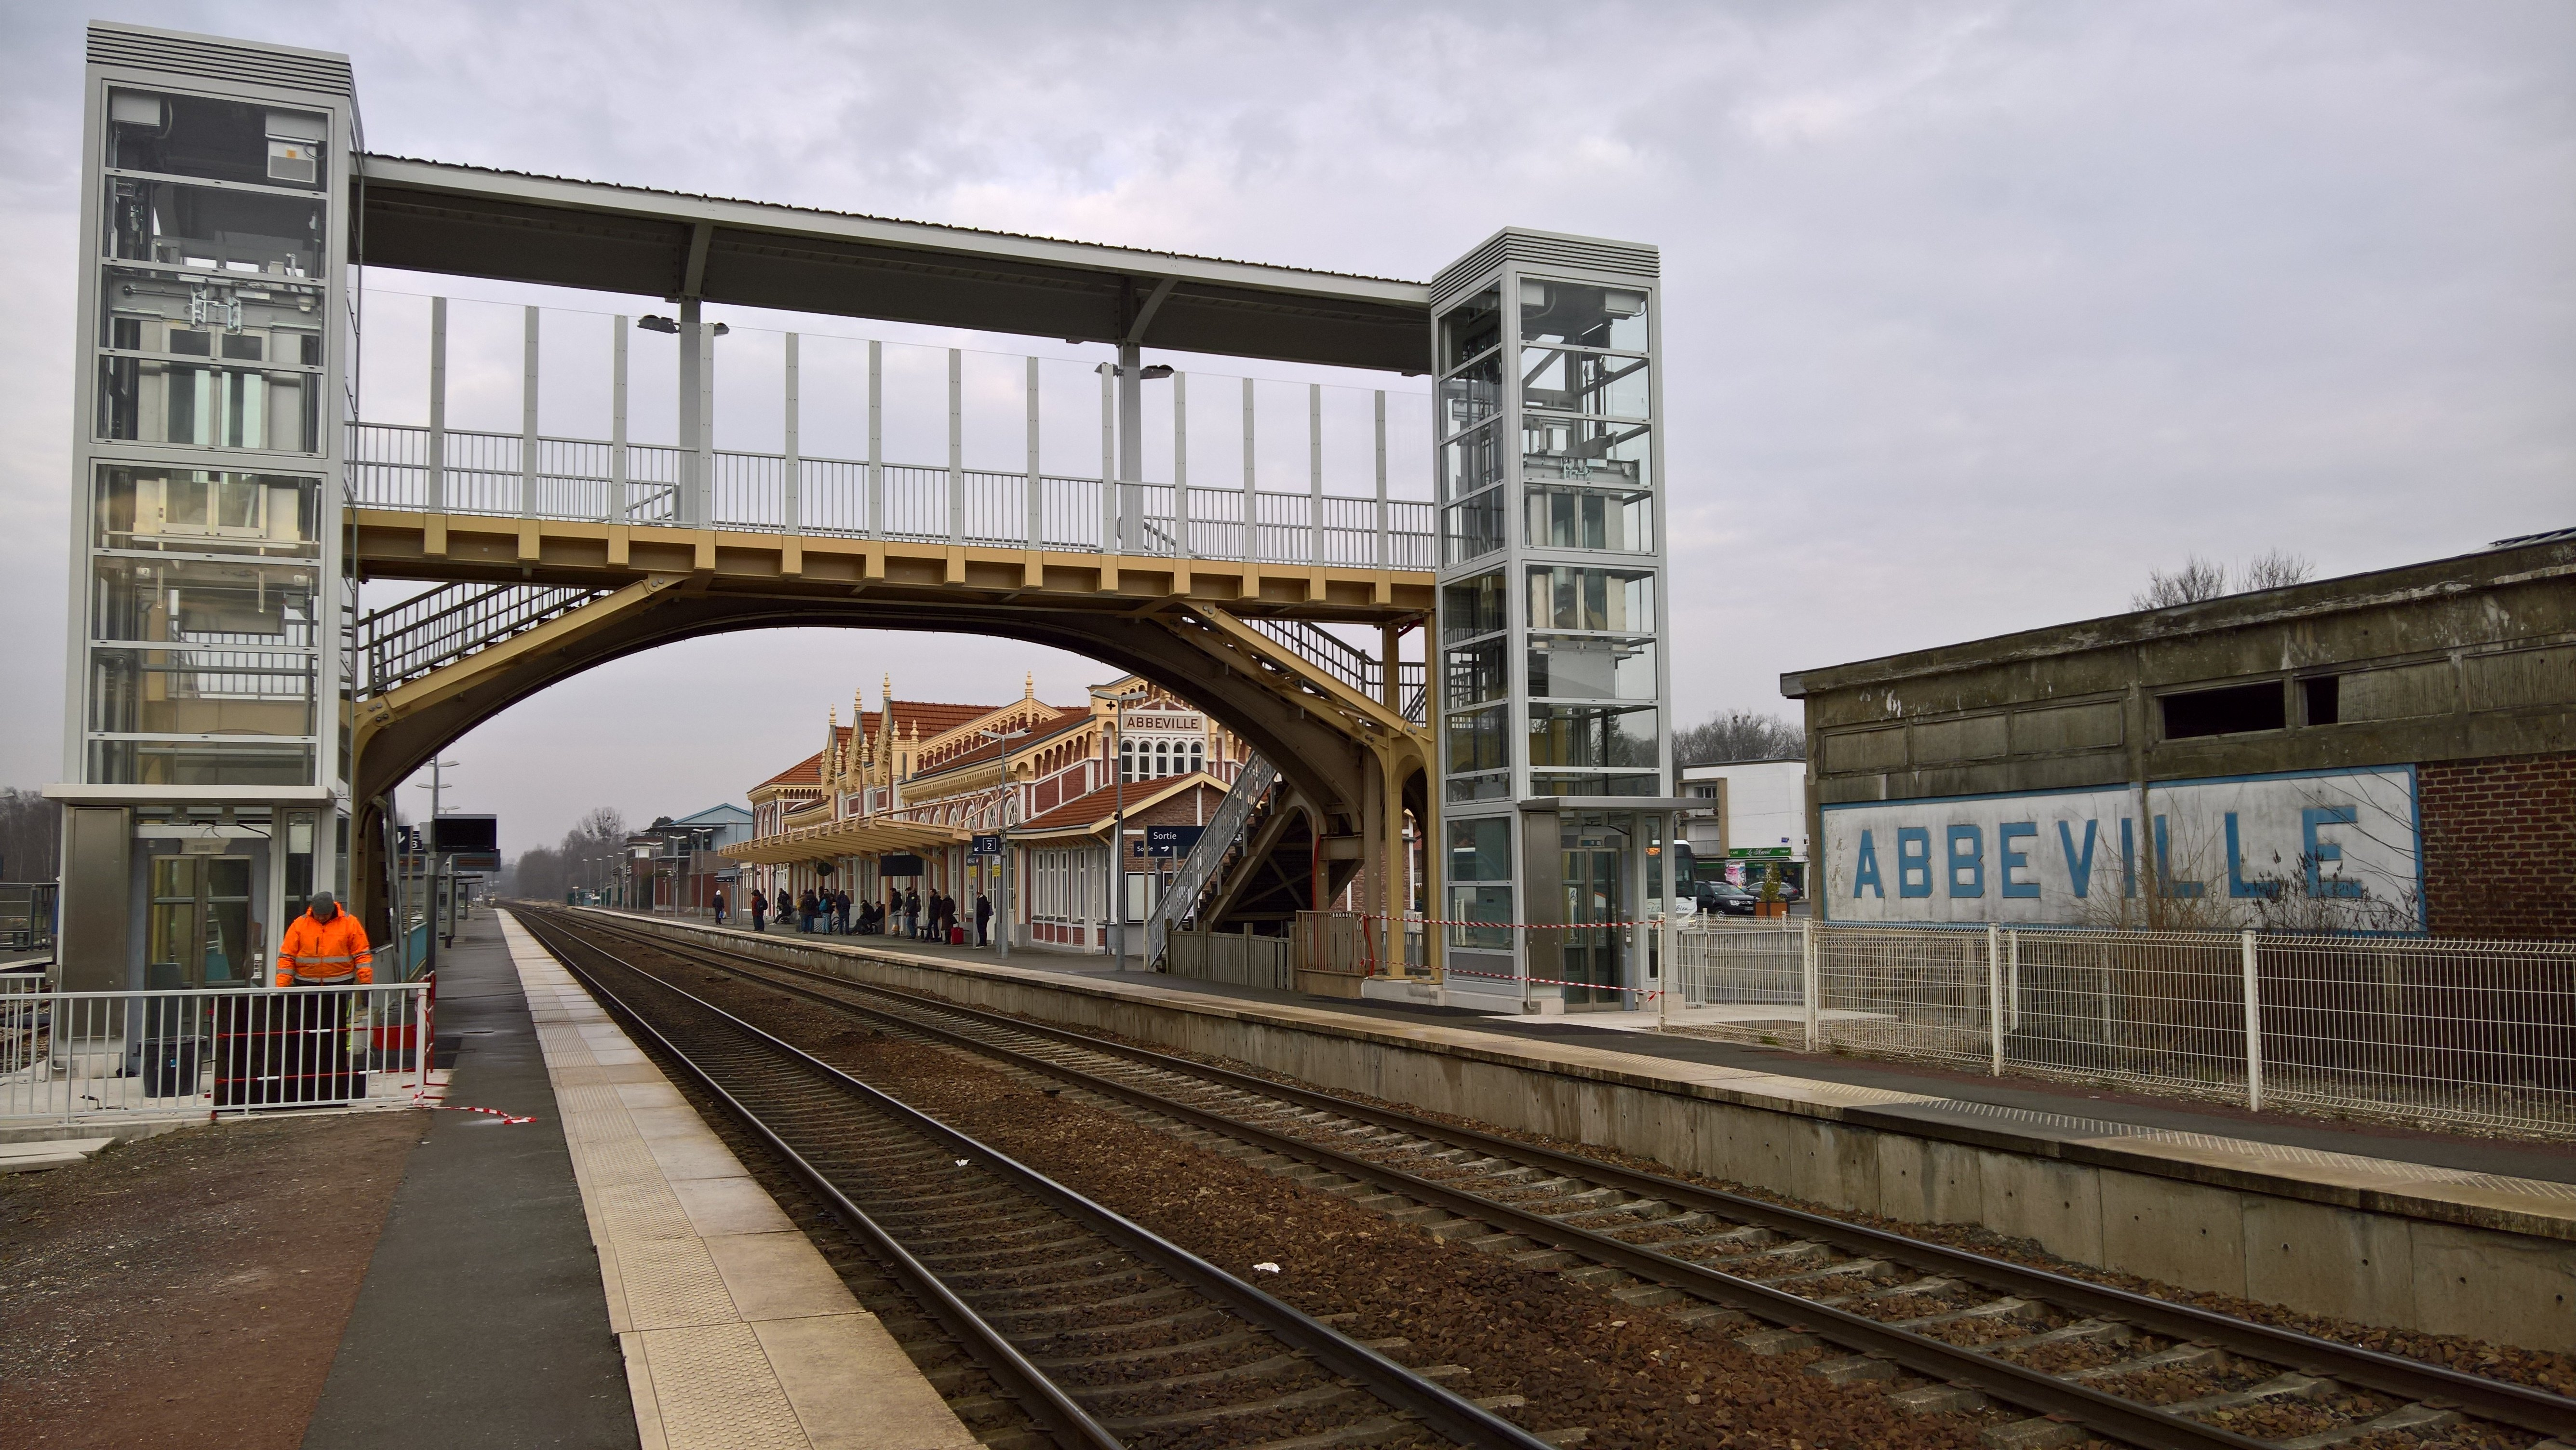 Gare Abbeville